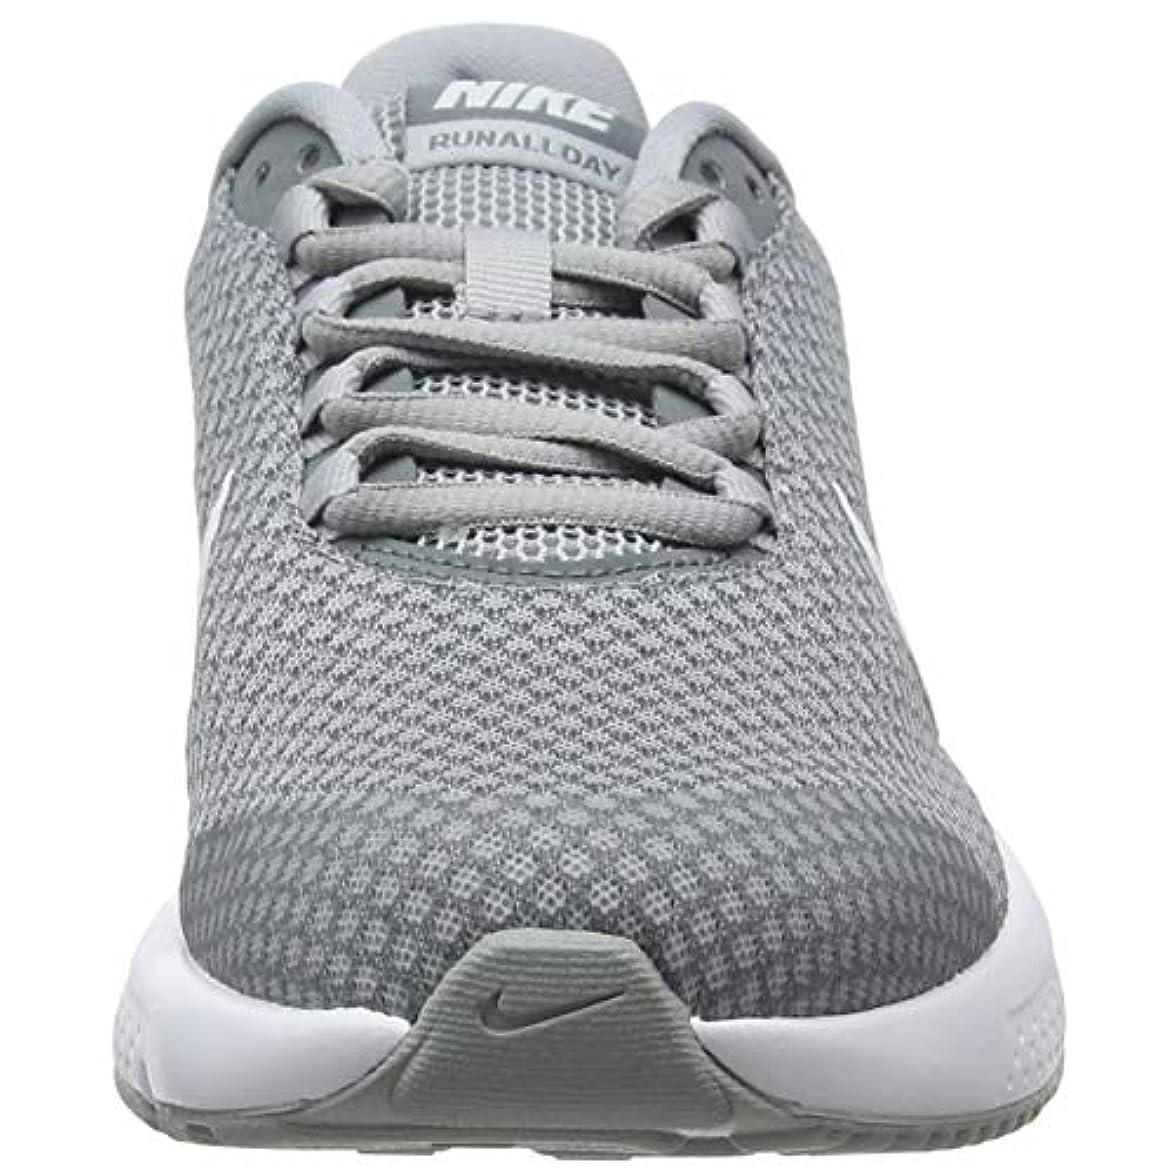 Donna Basse Ginnastica Nike Runallday Da Scarpe